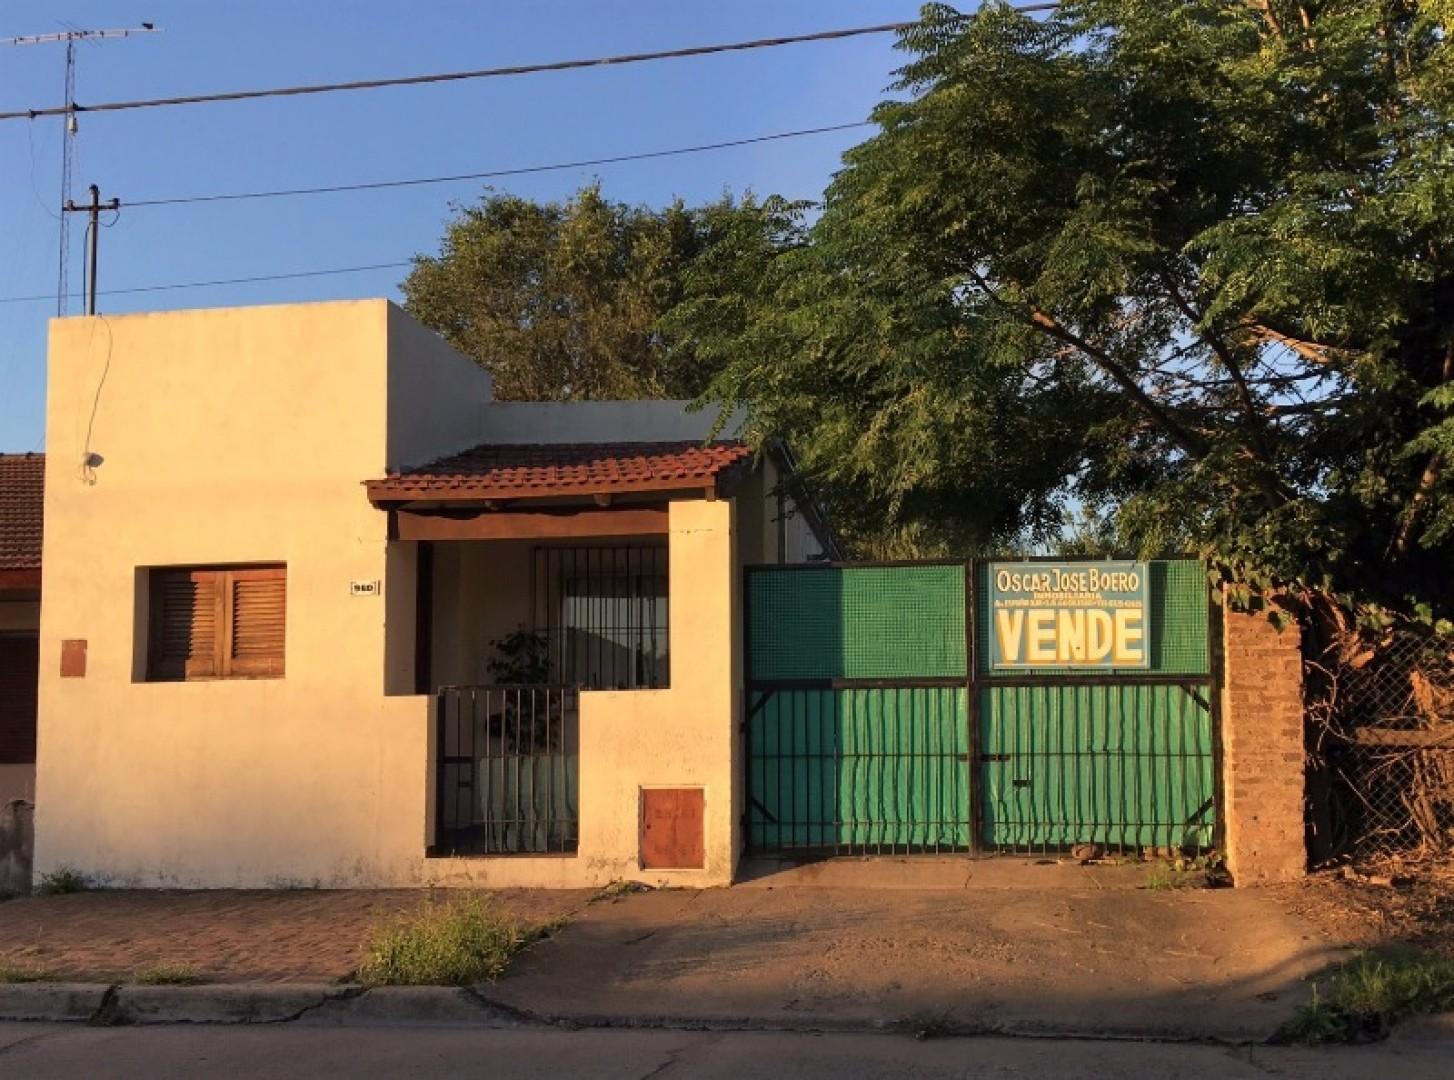 CASA con frente a  Calle Urquiza Nº 960 - S A de Giles